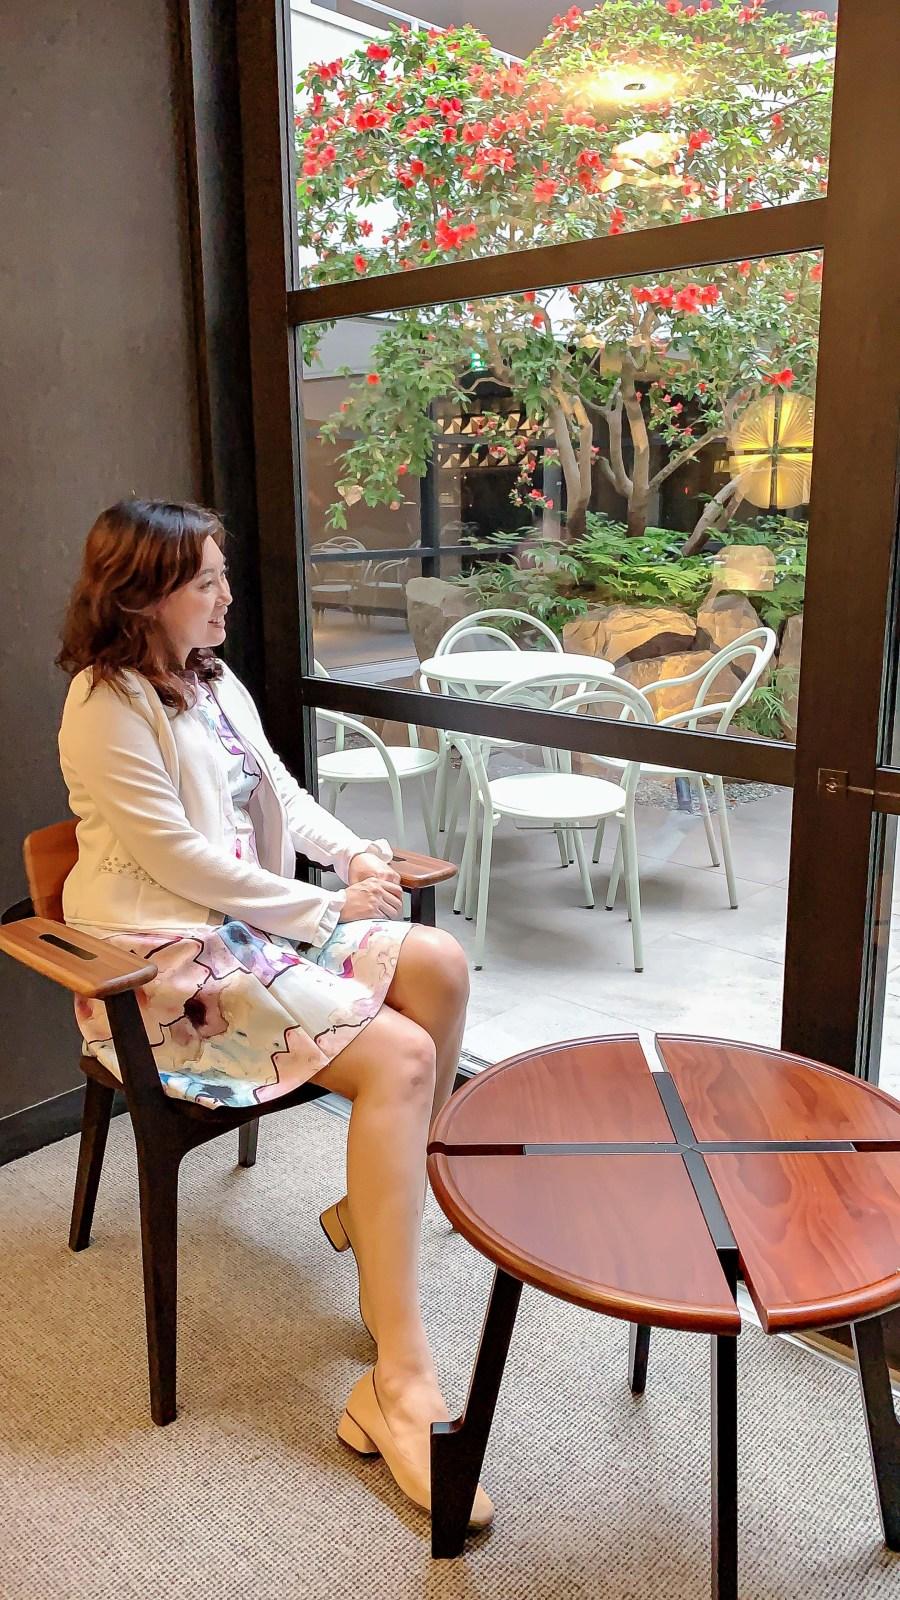 京都之旅最棒的起點,ENSO ANGO TOMI Ⅱ富小路通,低調奢華的設計酒店!